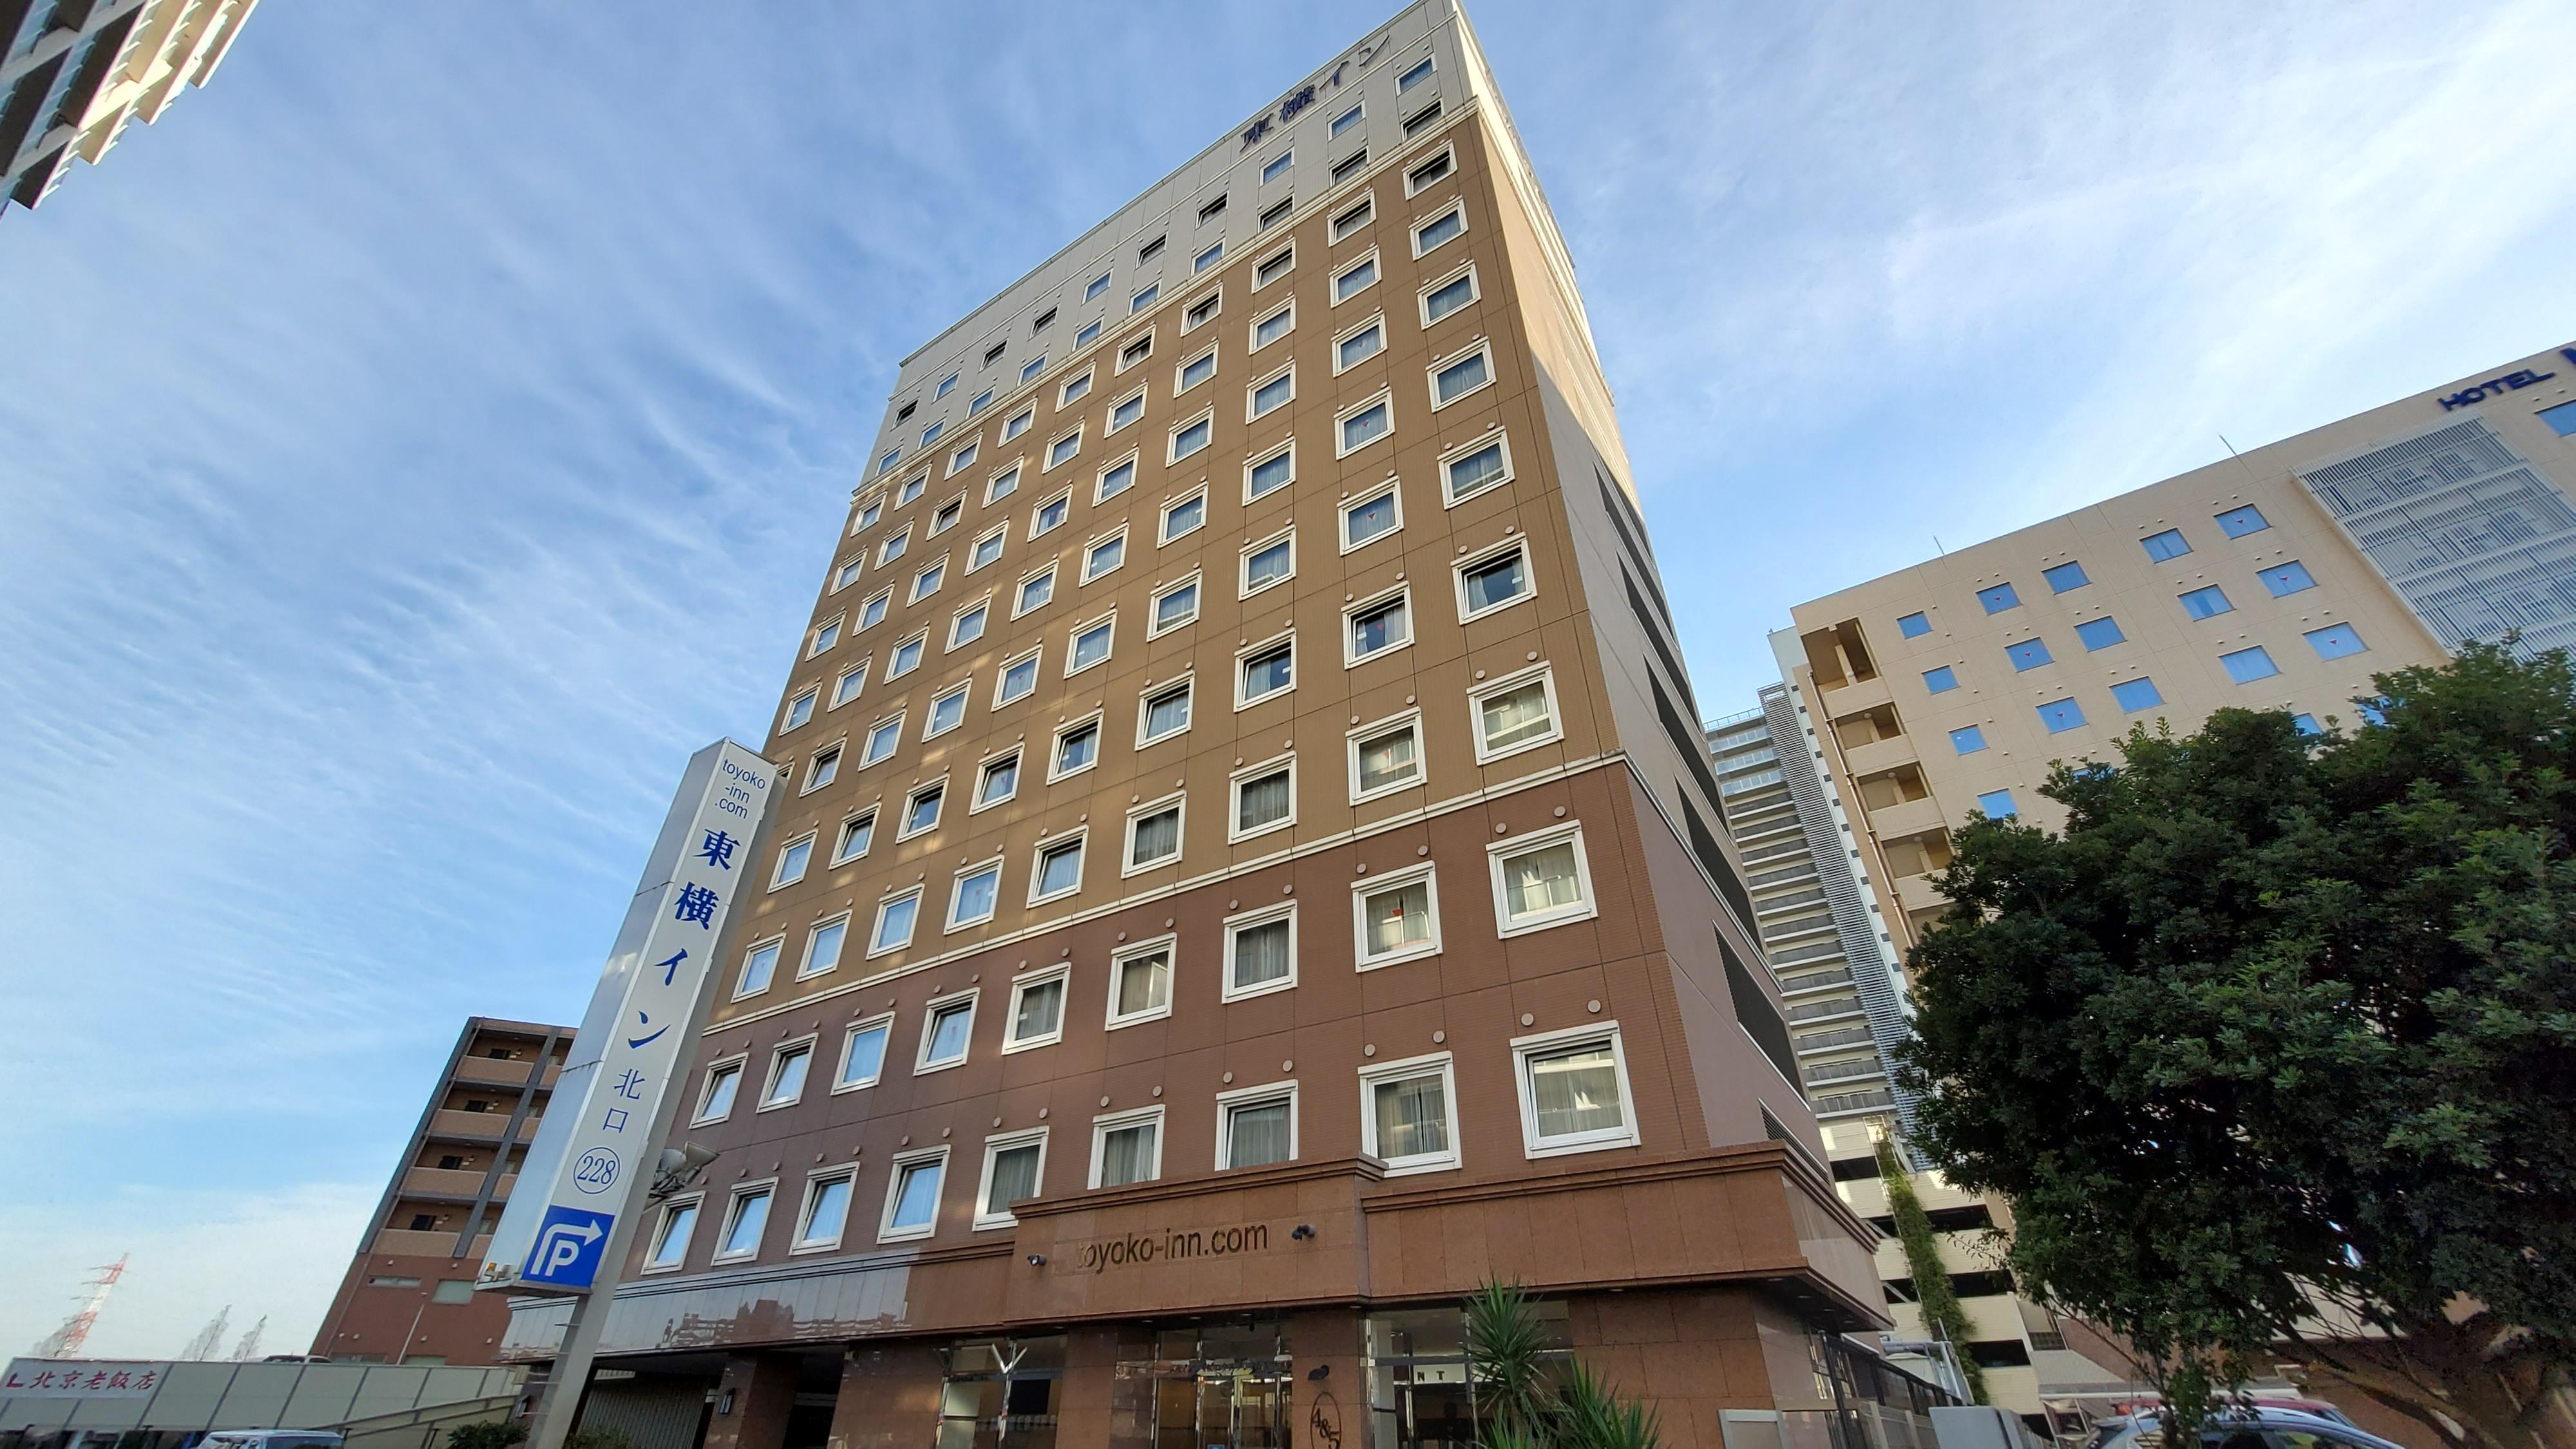 東横イン つくばエクスプレス研究学園駅北口◆楽天トラベル